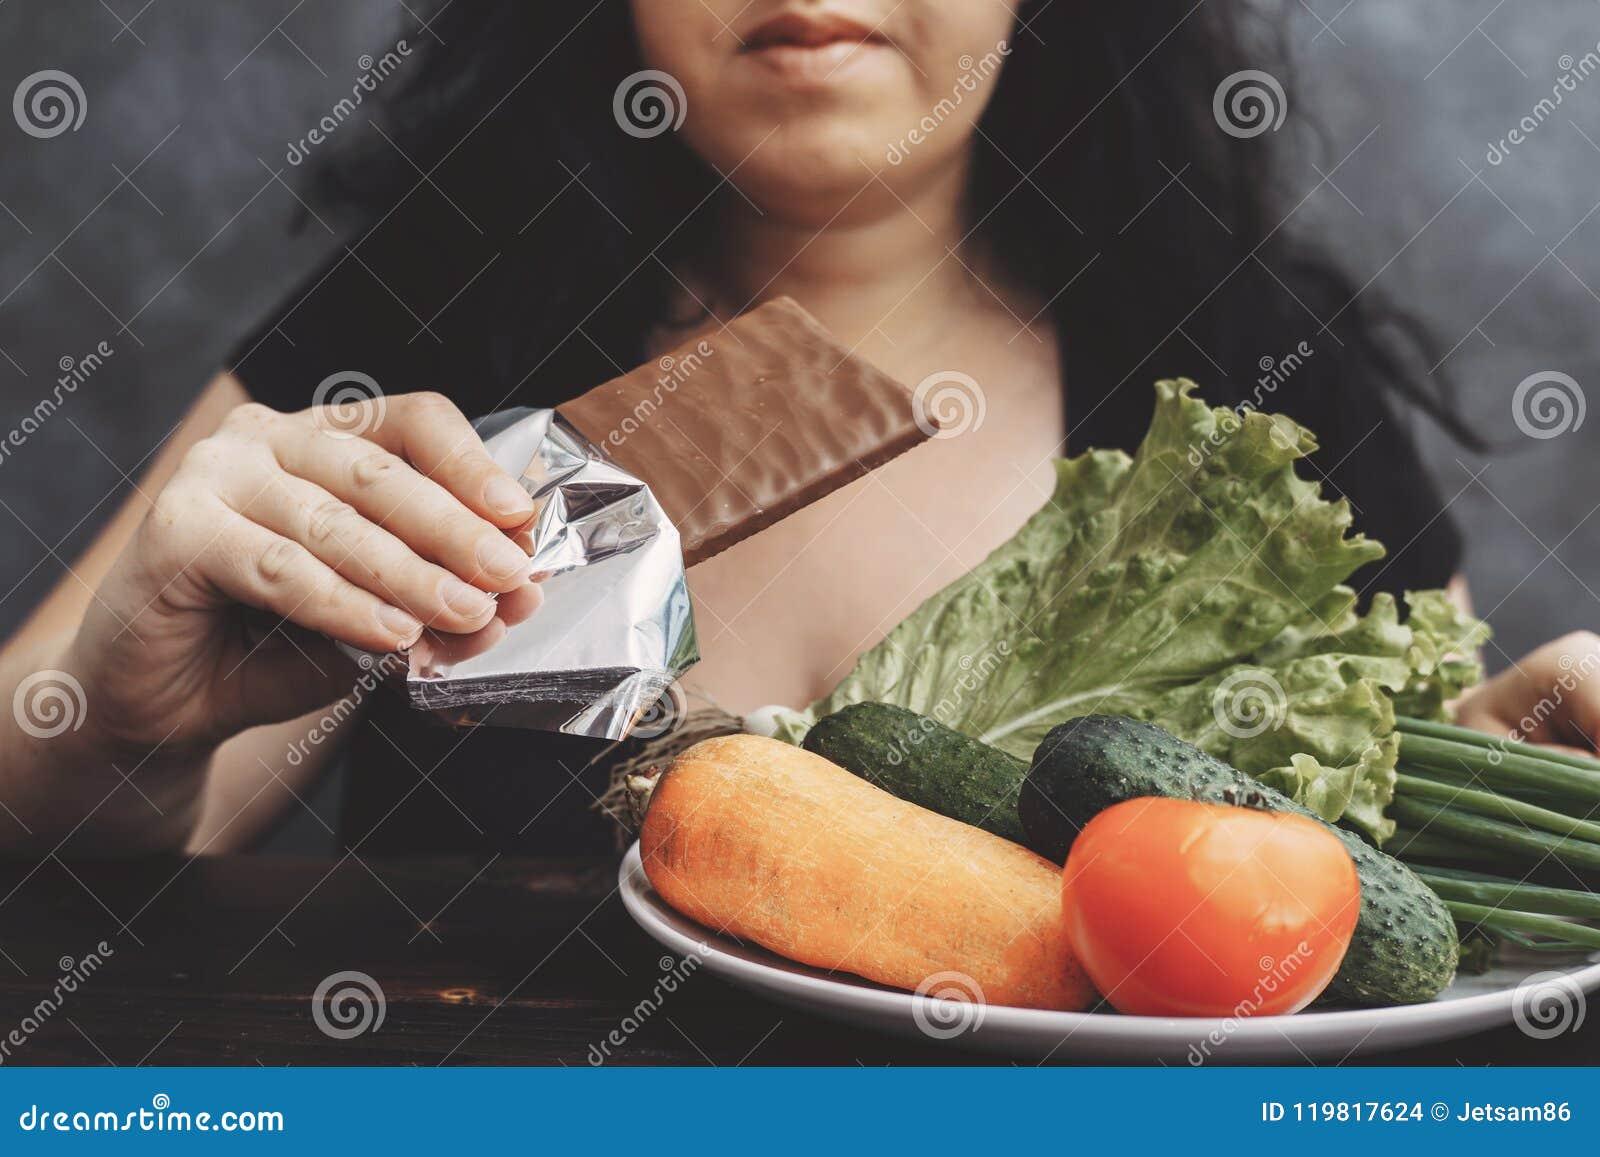 Beleibte Frau, welche die Schokolade ablehnt gesundes Lebensmittel isst